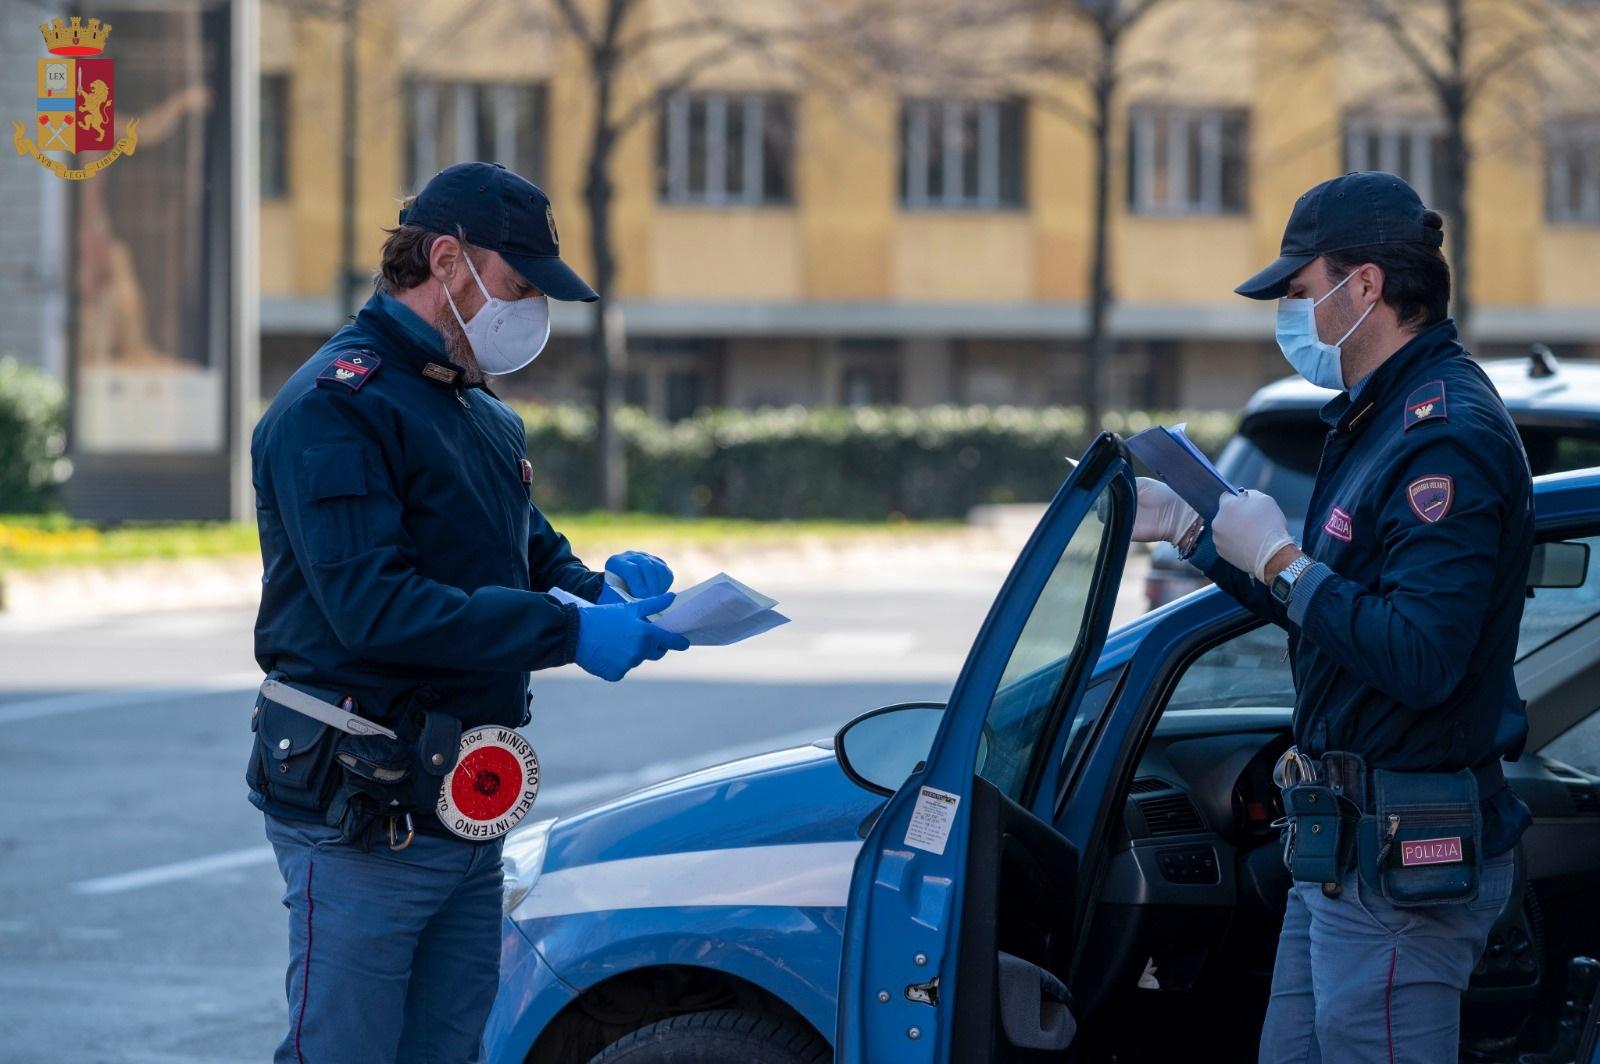 Polizia Di Stato Questure Sul Web Firenze